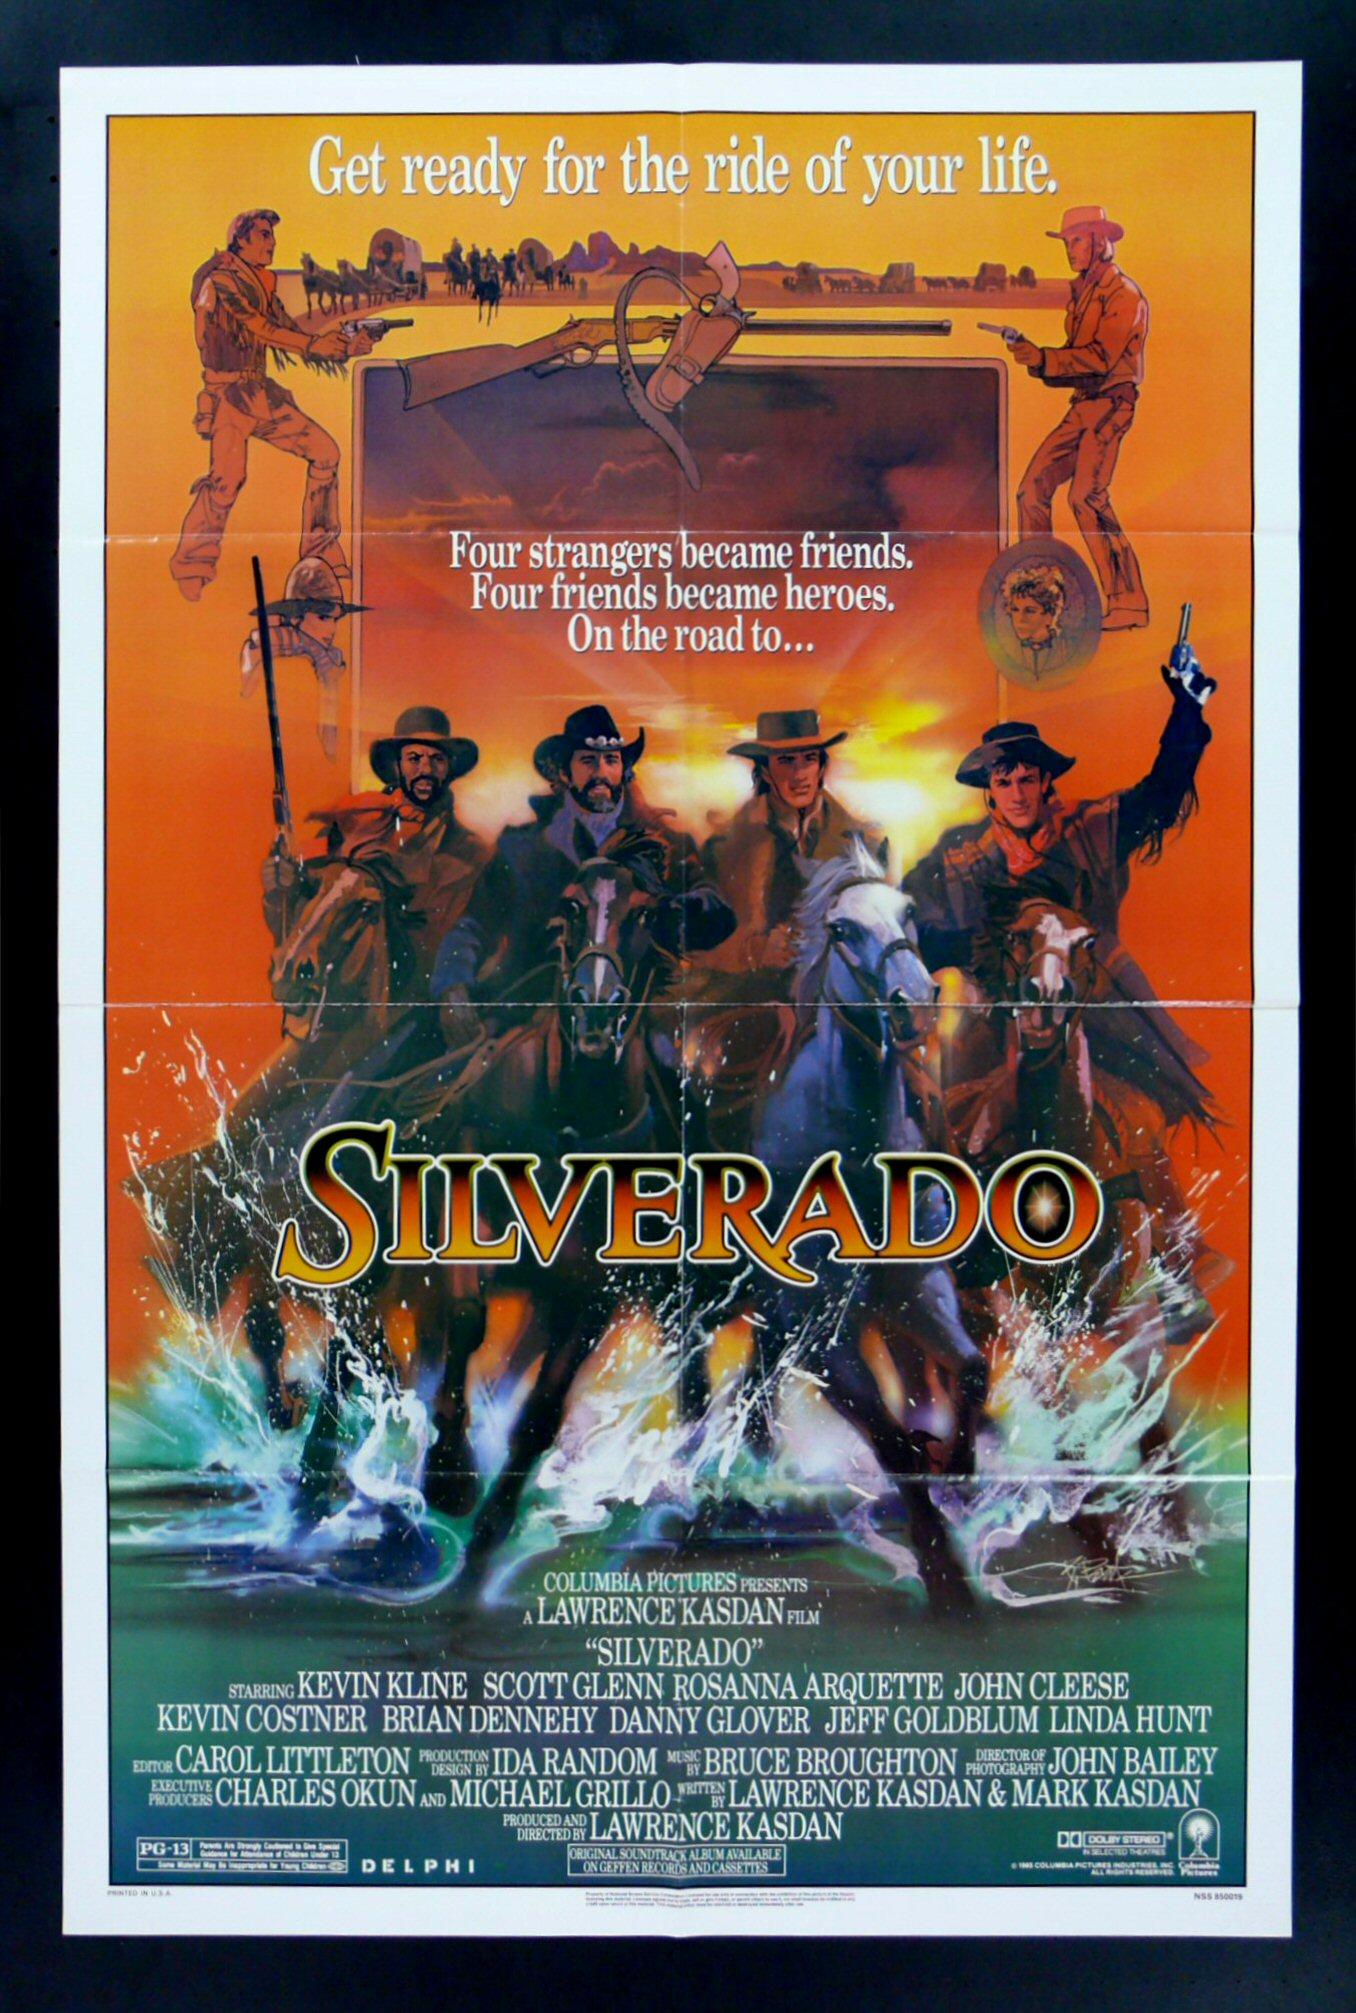 SILVERADO * 1SH ORIG WESTERN MOVIE POSTER 1985 | eBay